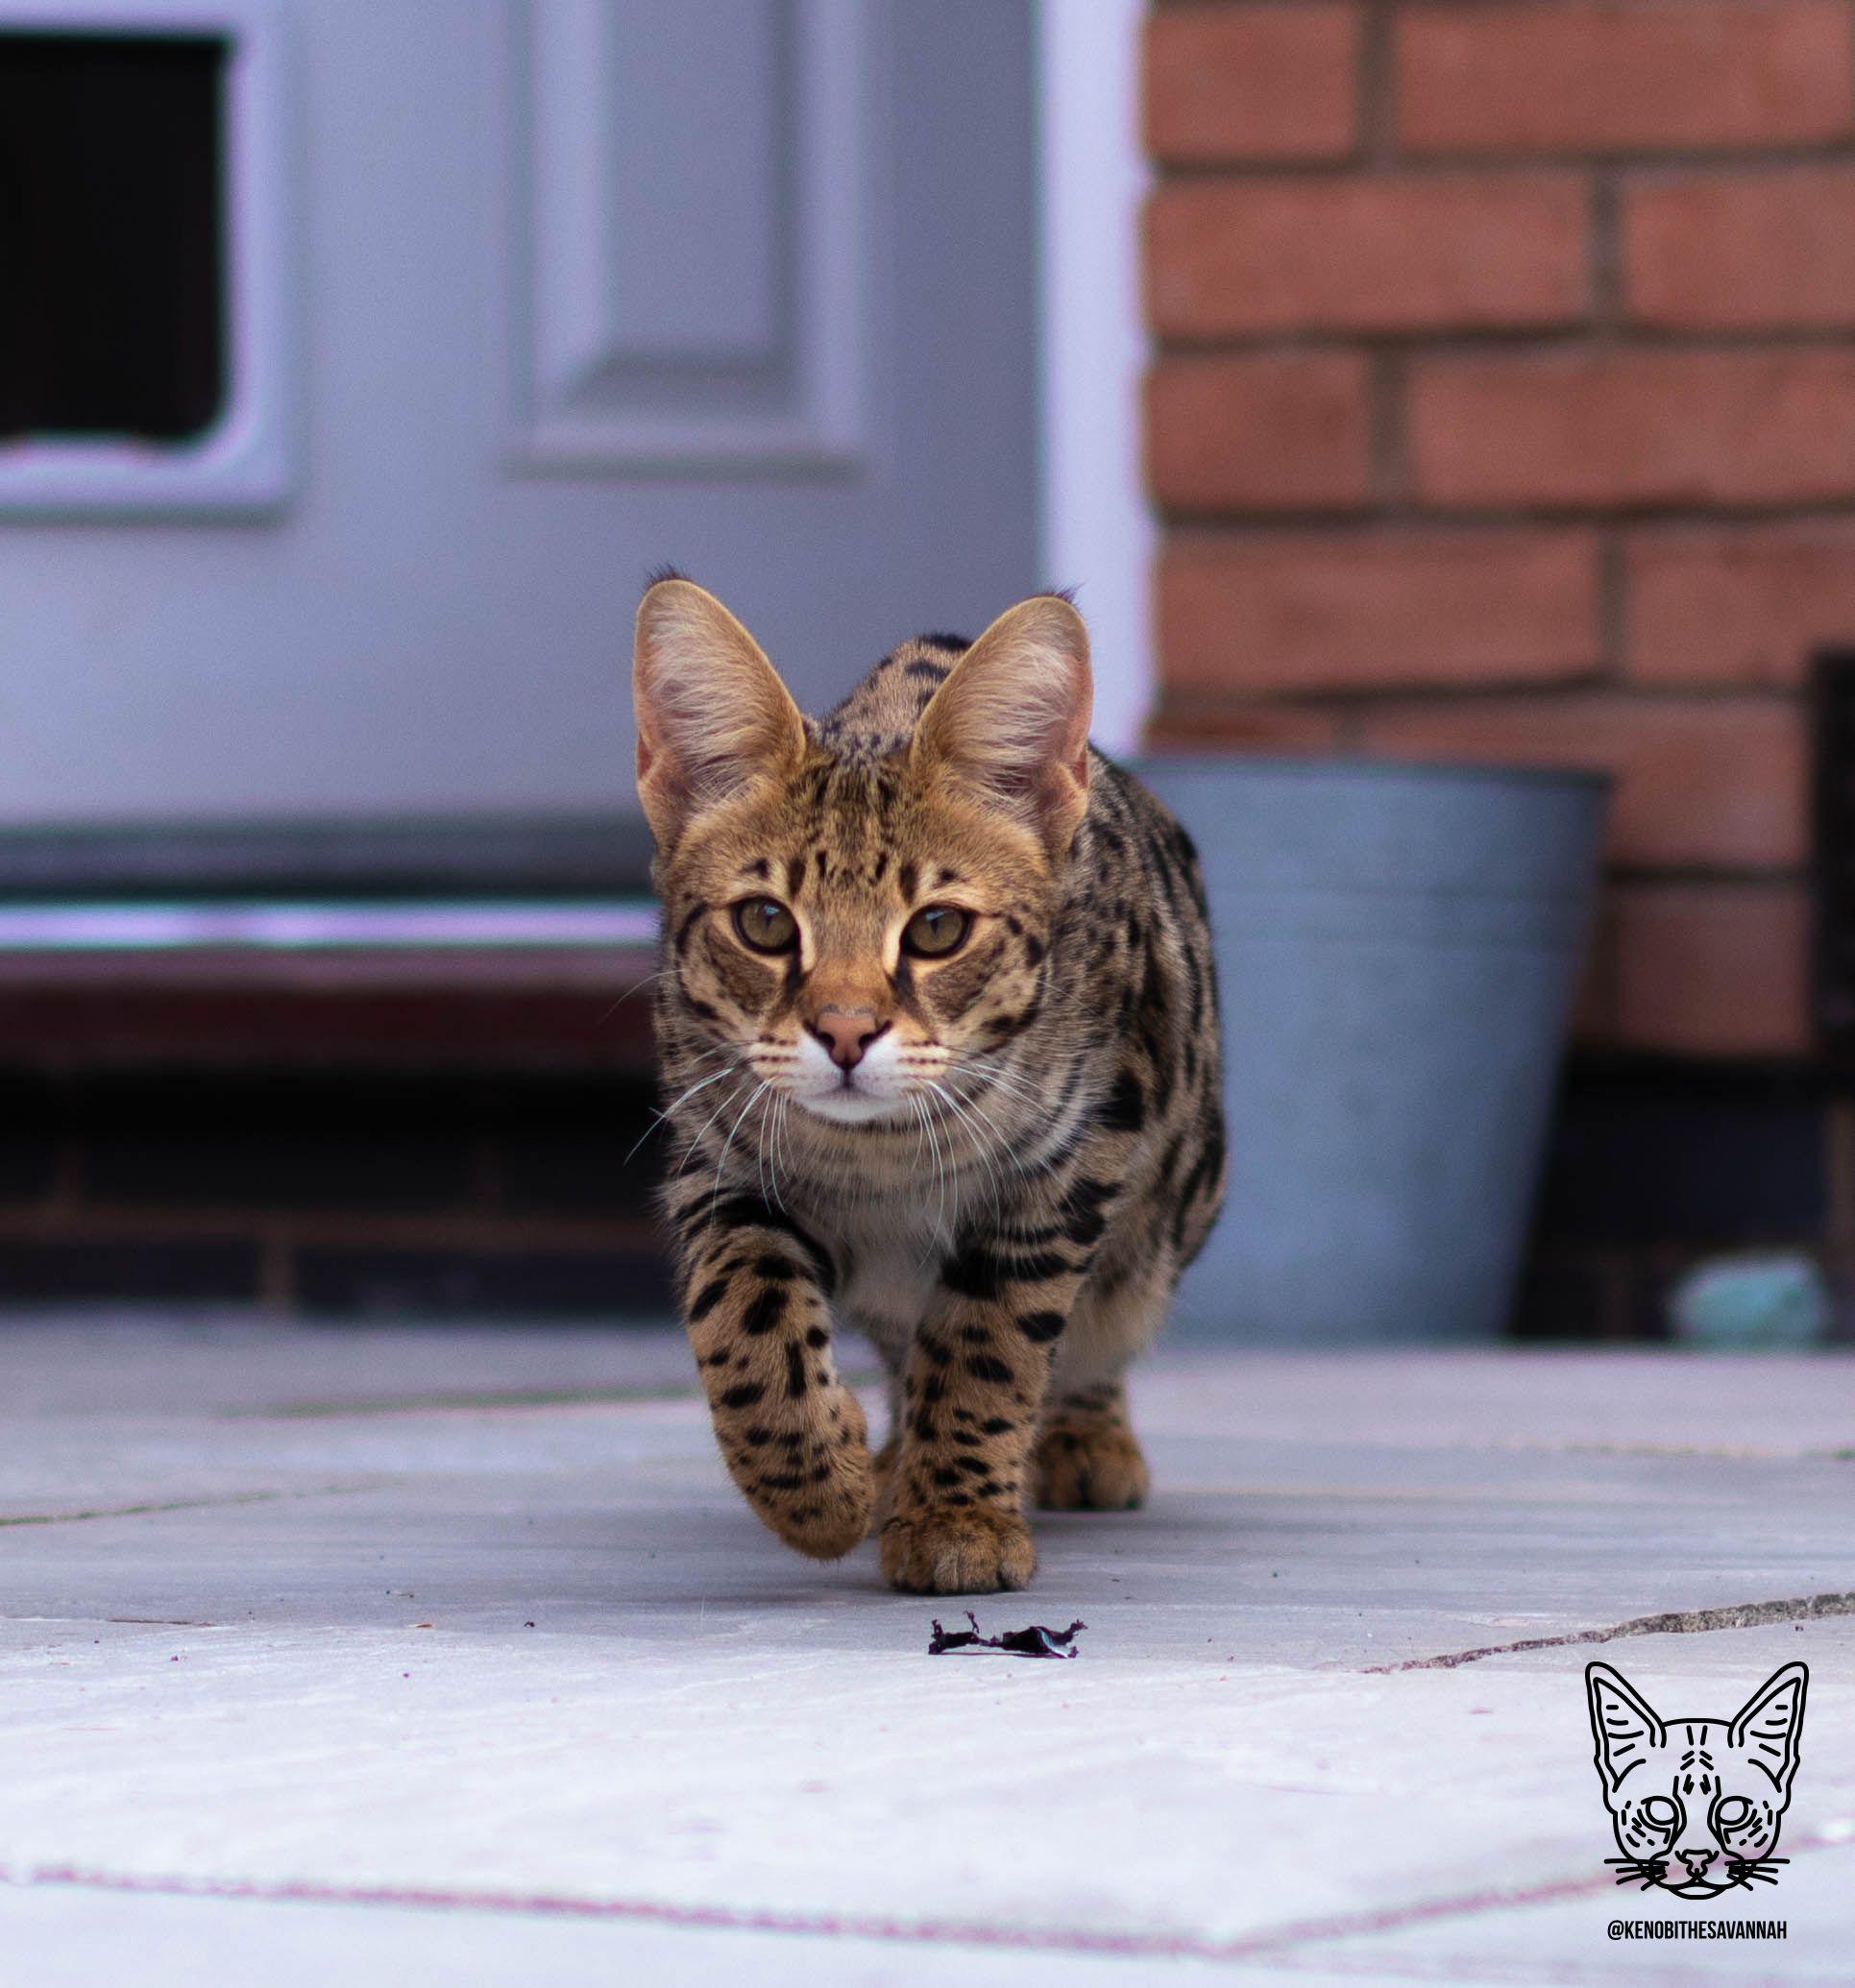 Kenobi The F1 Savannah Cat Savannah Savannahcat F1savannah